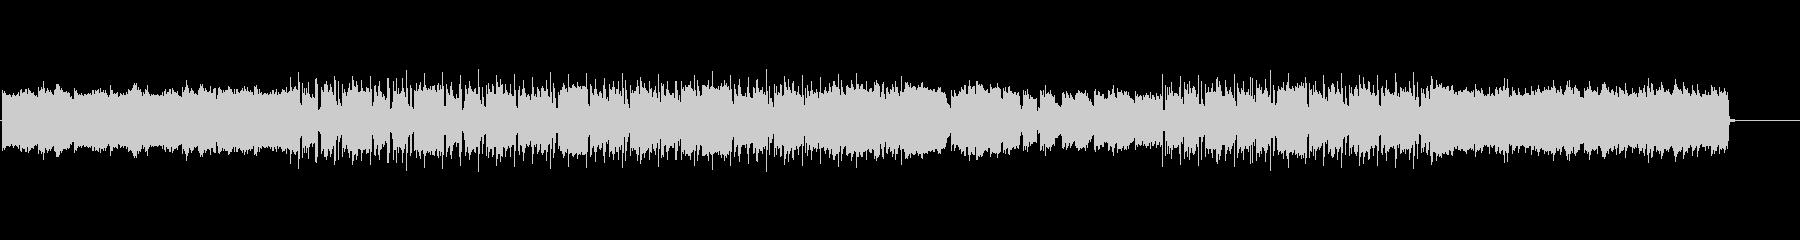 90年代風ローファイヒップホップの未再生の波形